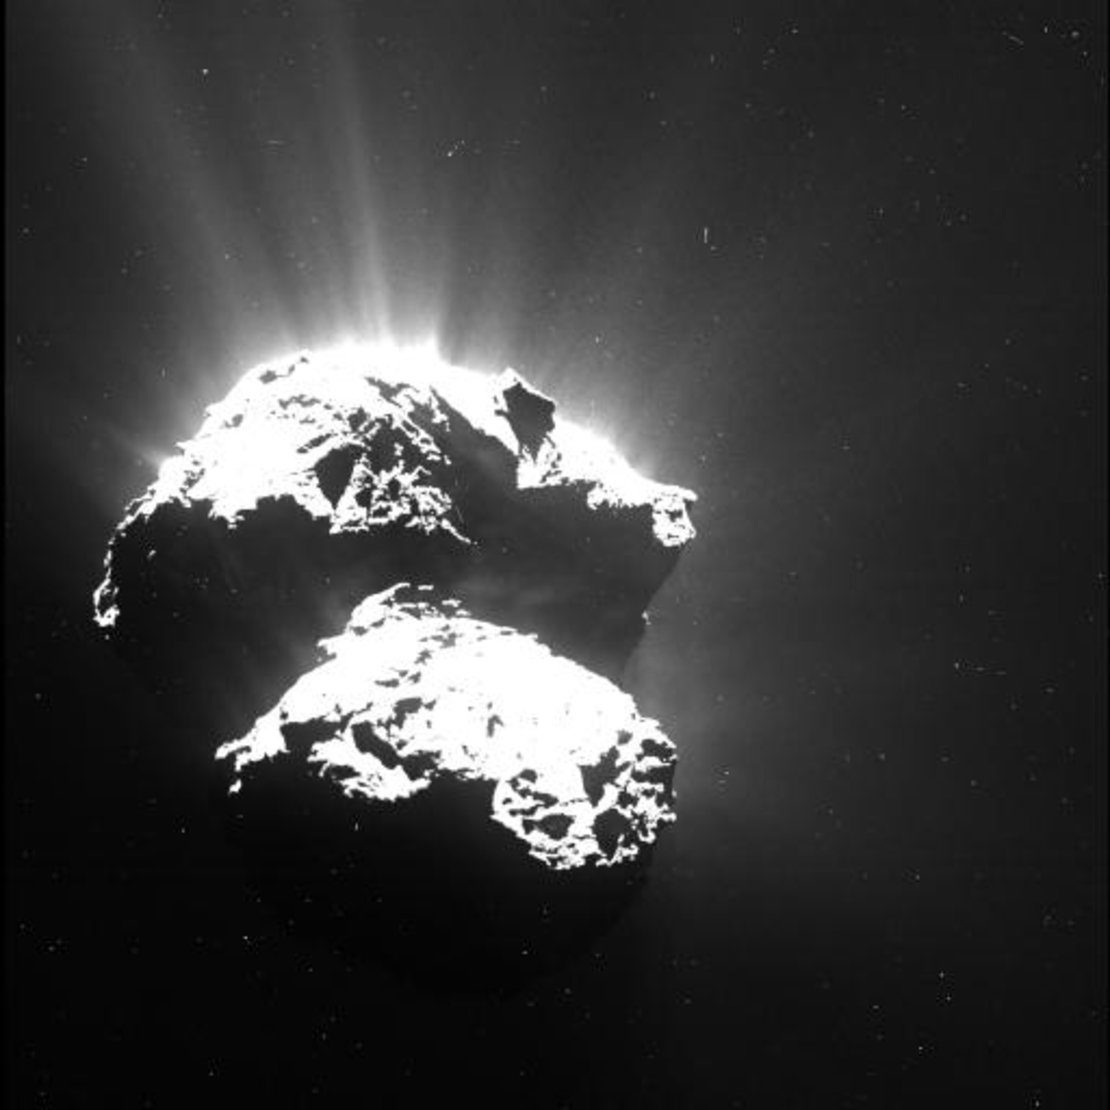 Komet 67P/Čurjumov-Gerasimenko koji je snimila Rosetta s udaljenosti od oko 170 km